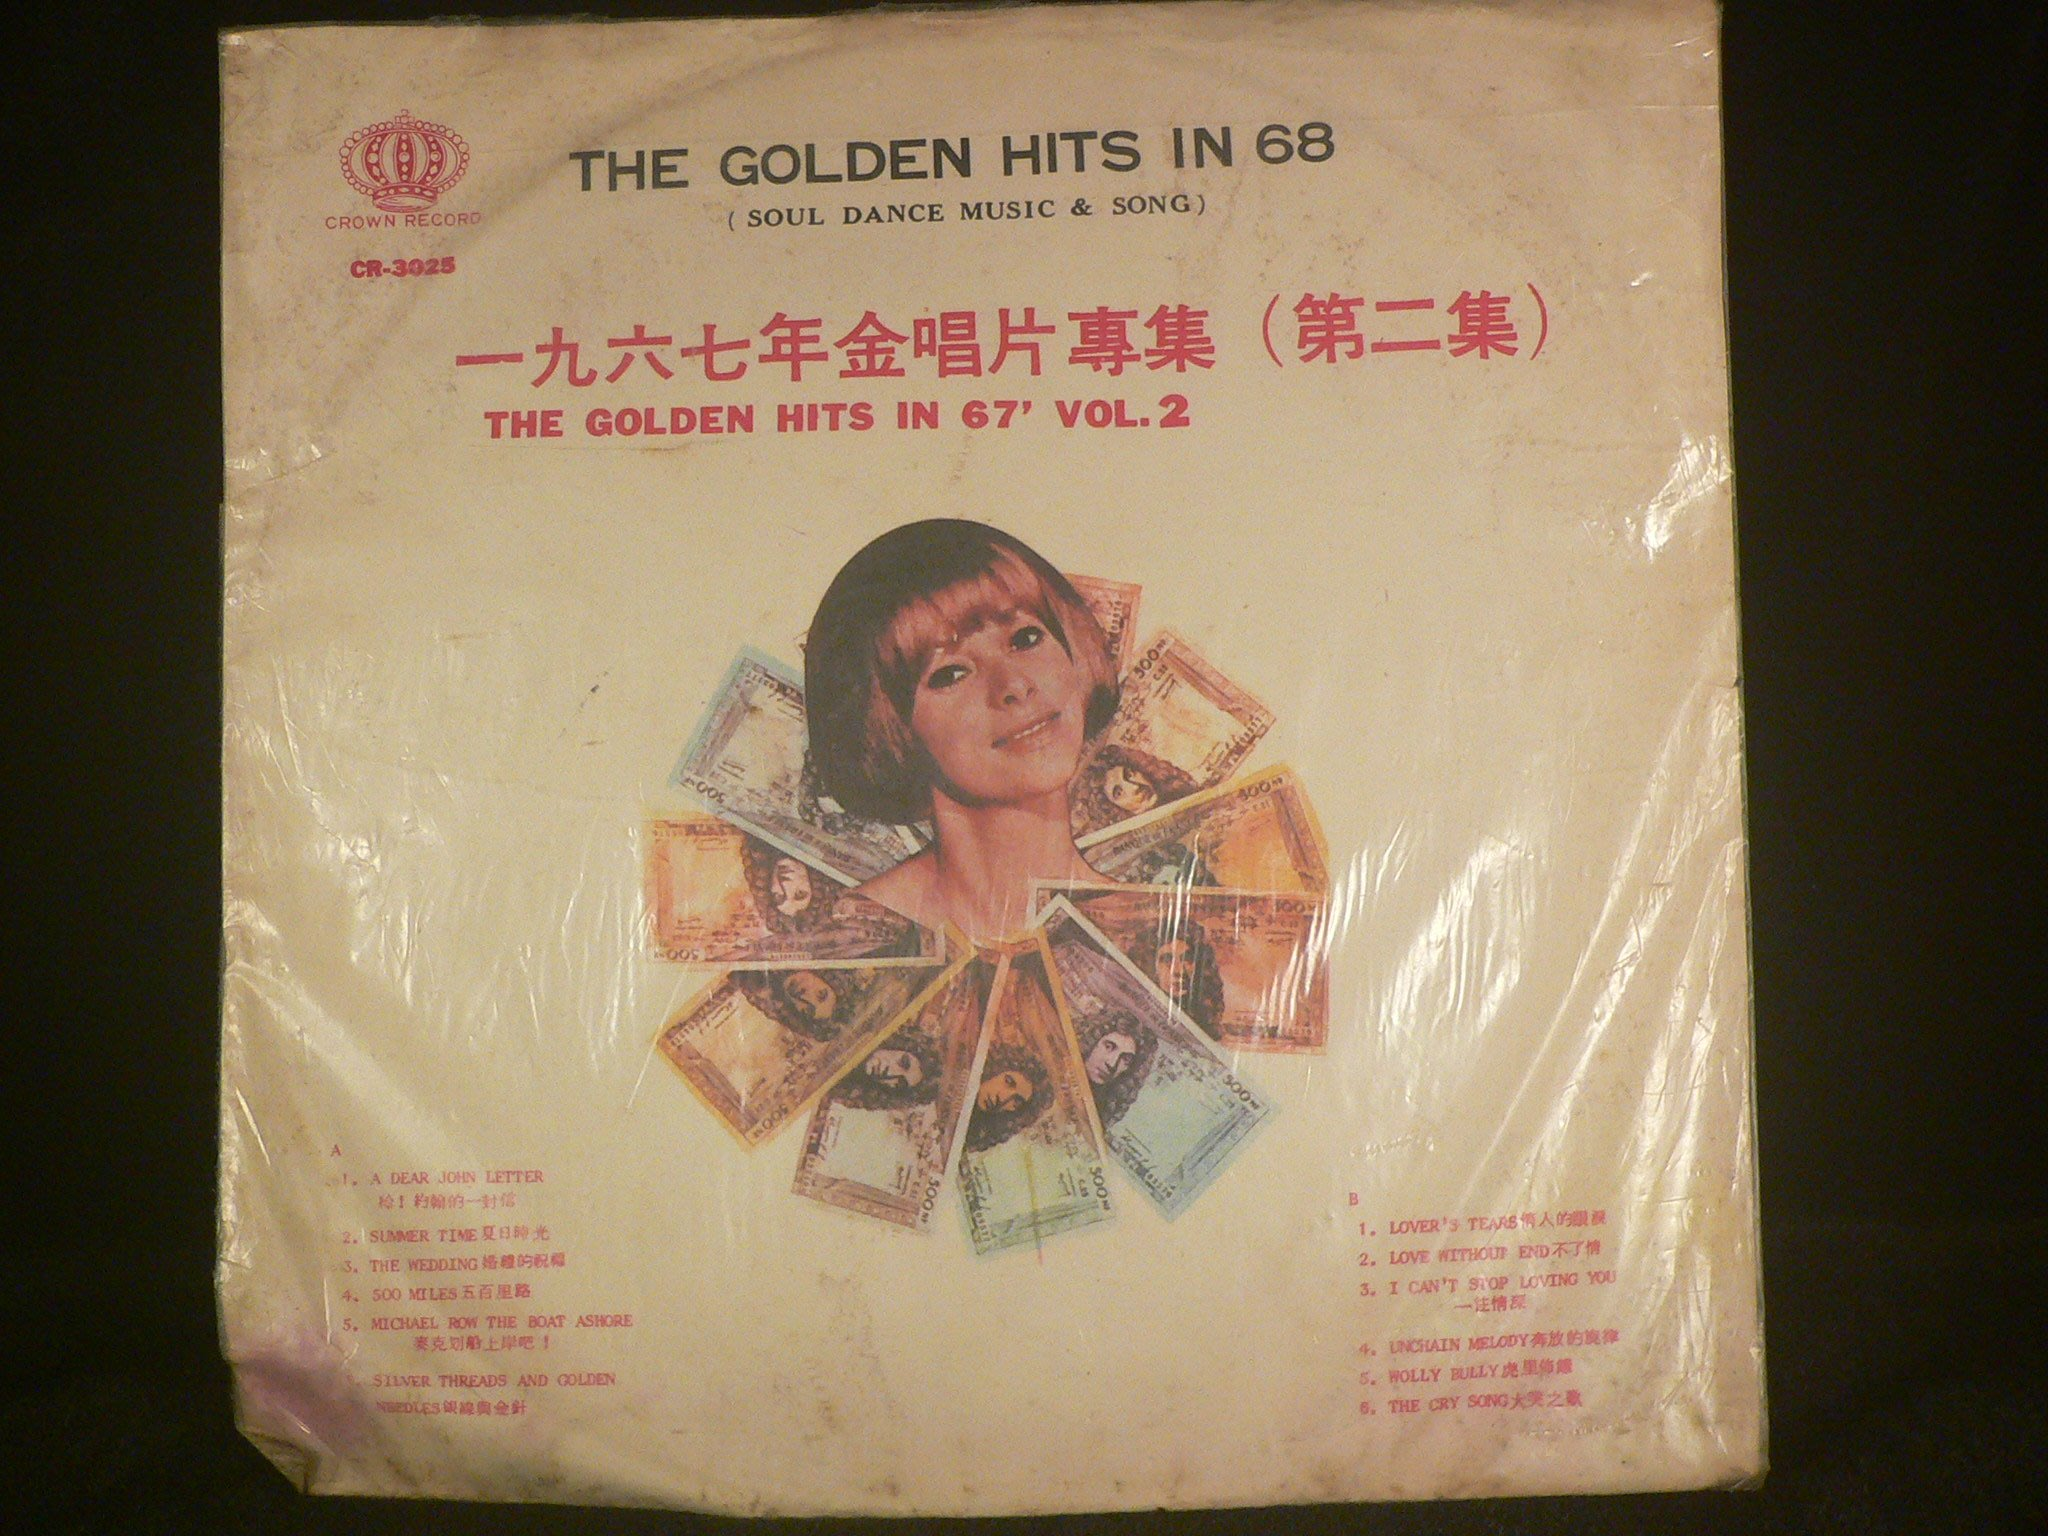 乖乖@賣場(LP唱片)12吋西洋黑膠一九六七年金唱片專集(第二集)